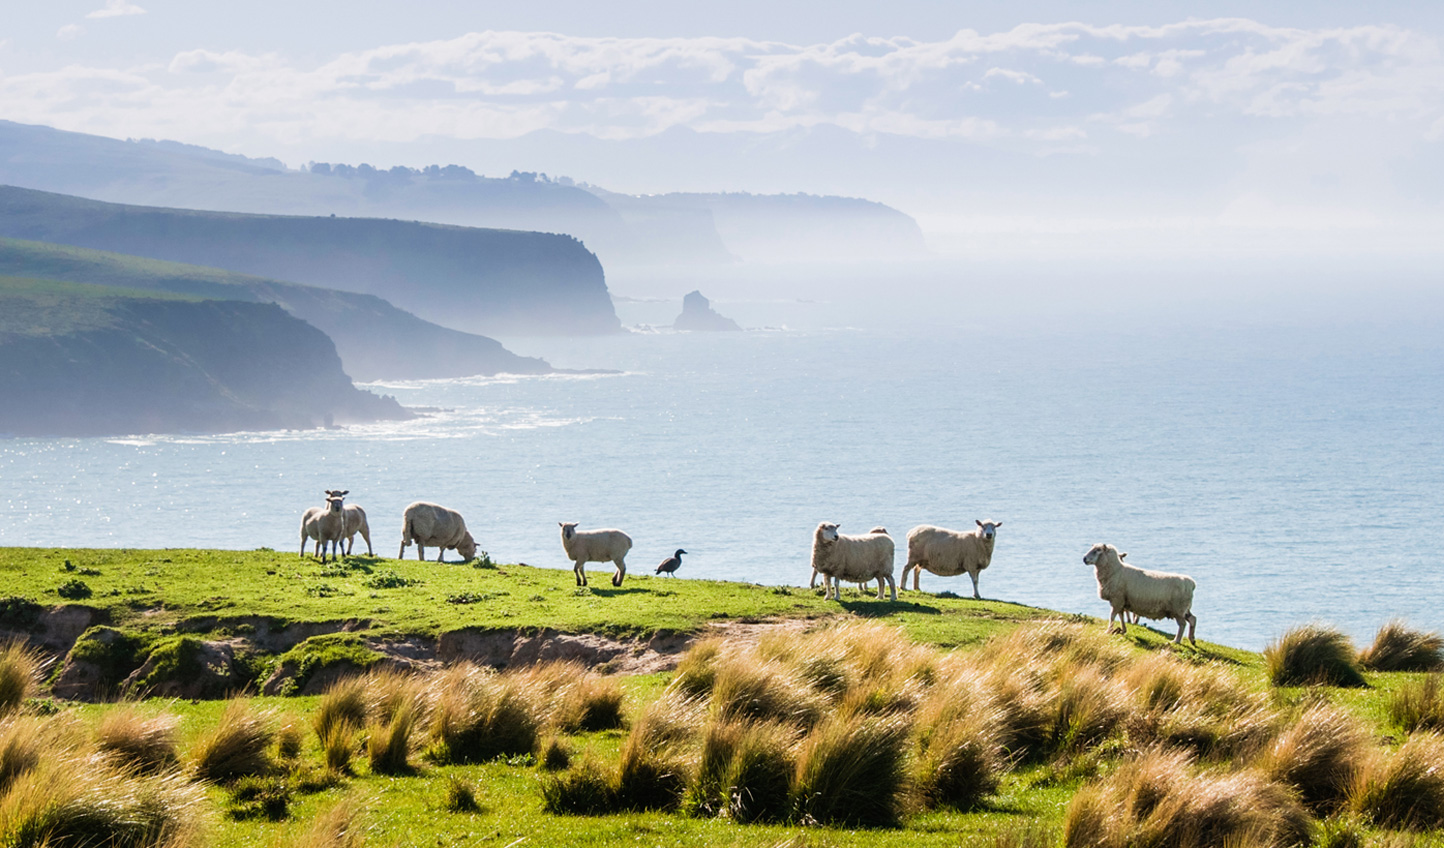 The Annandale sheep roaming the farm